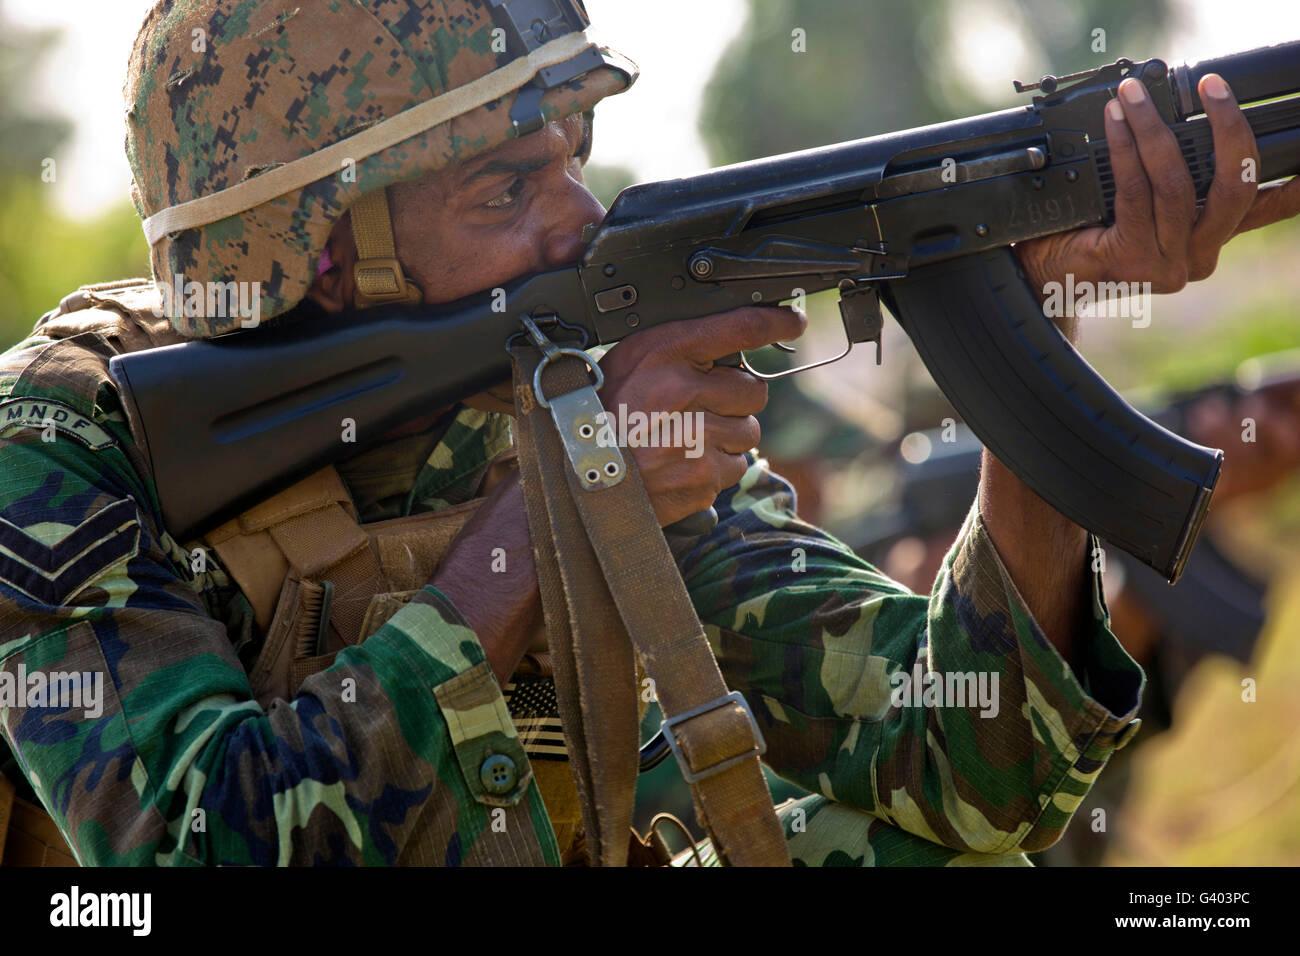 Maledivische Marine feuert eine AK-47 Gewehr. Stockbild